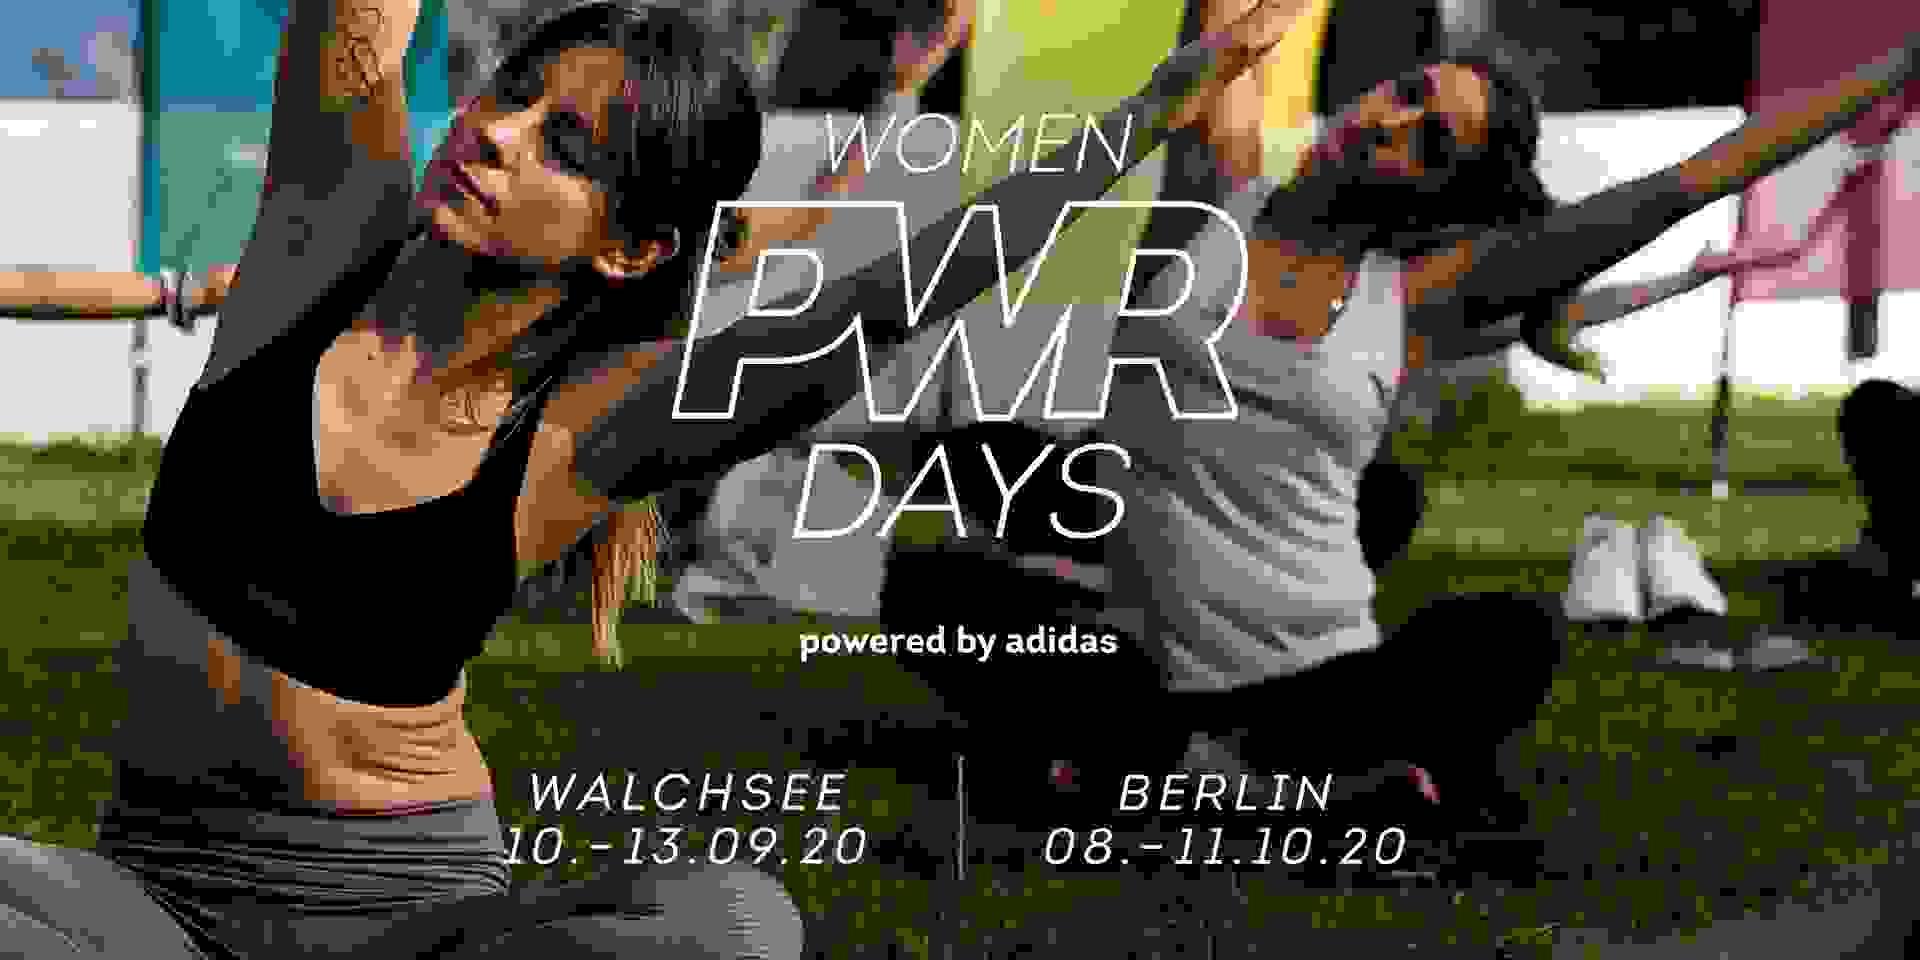 Erfahre mehr über die Women PWR Days